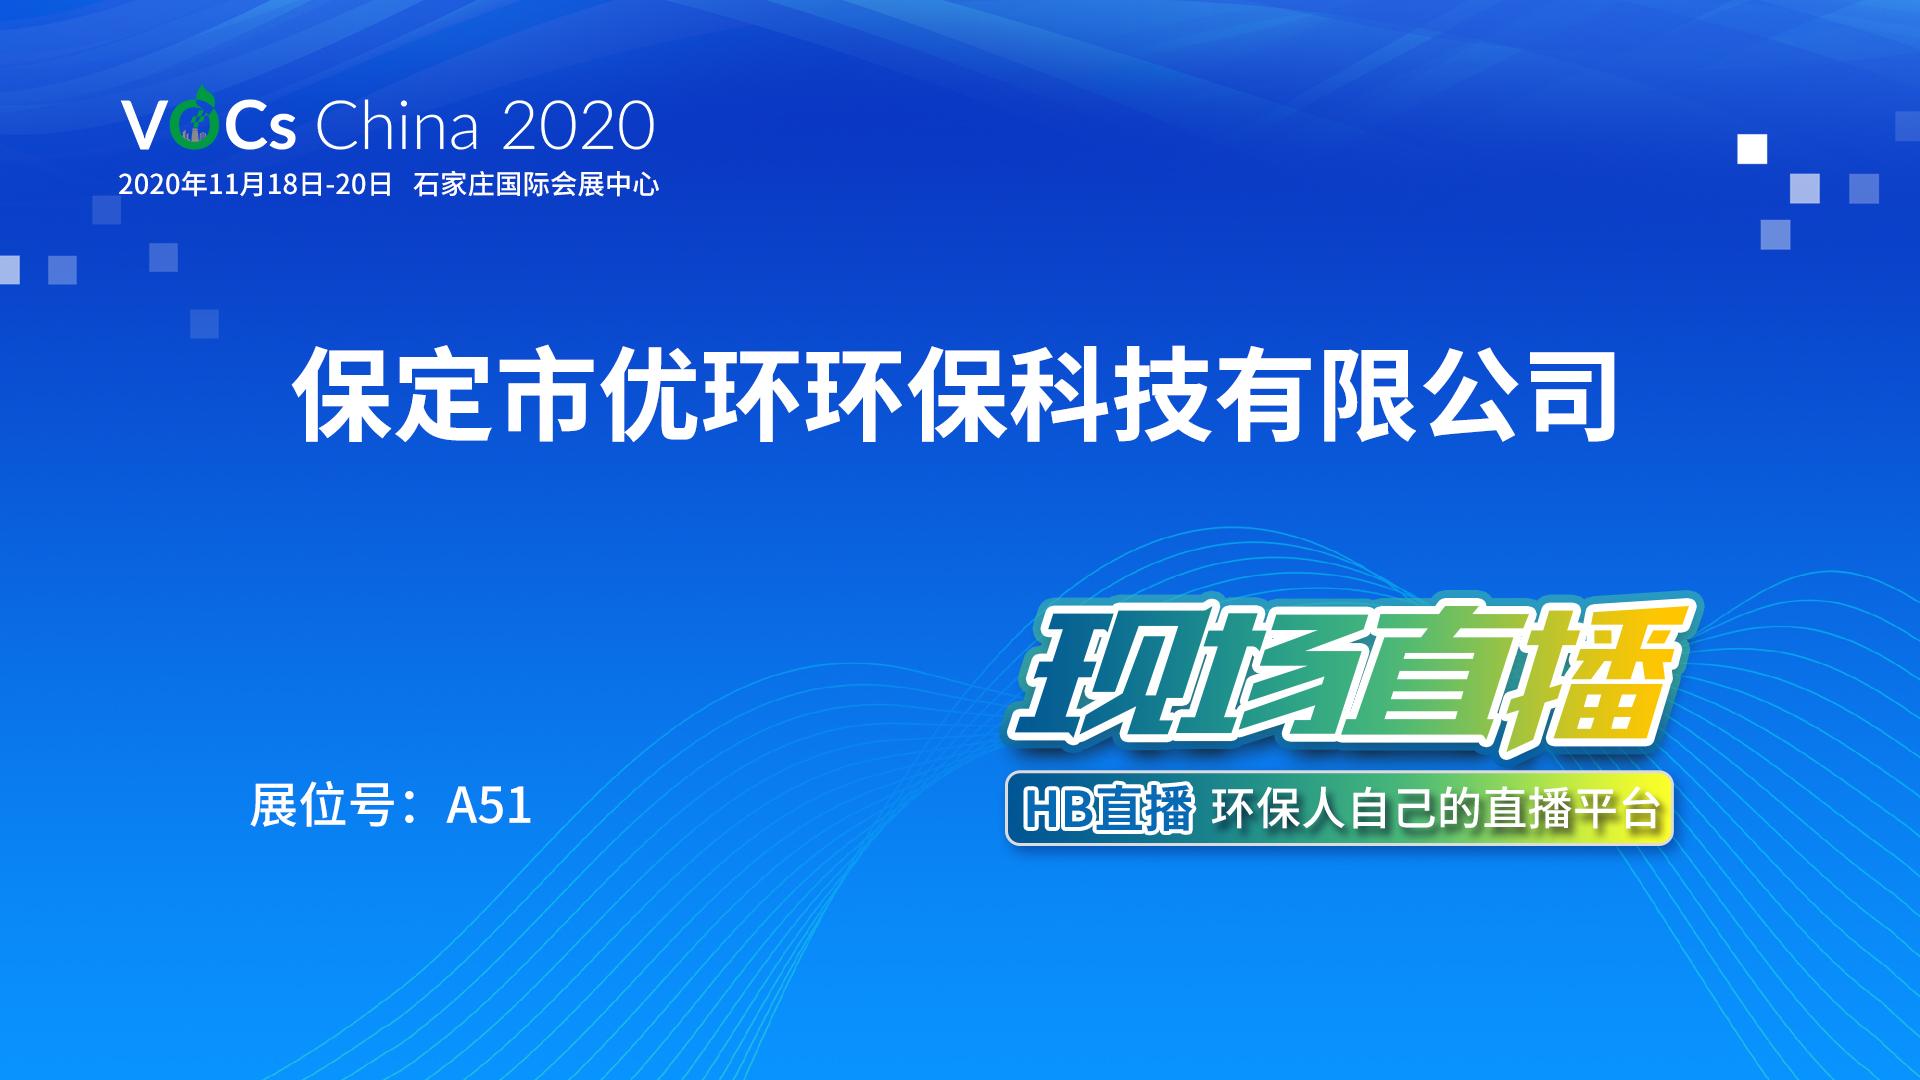 优环环保 VOCs China 2020 直播推荐